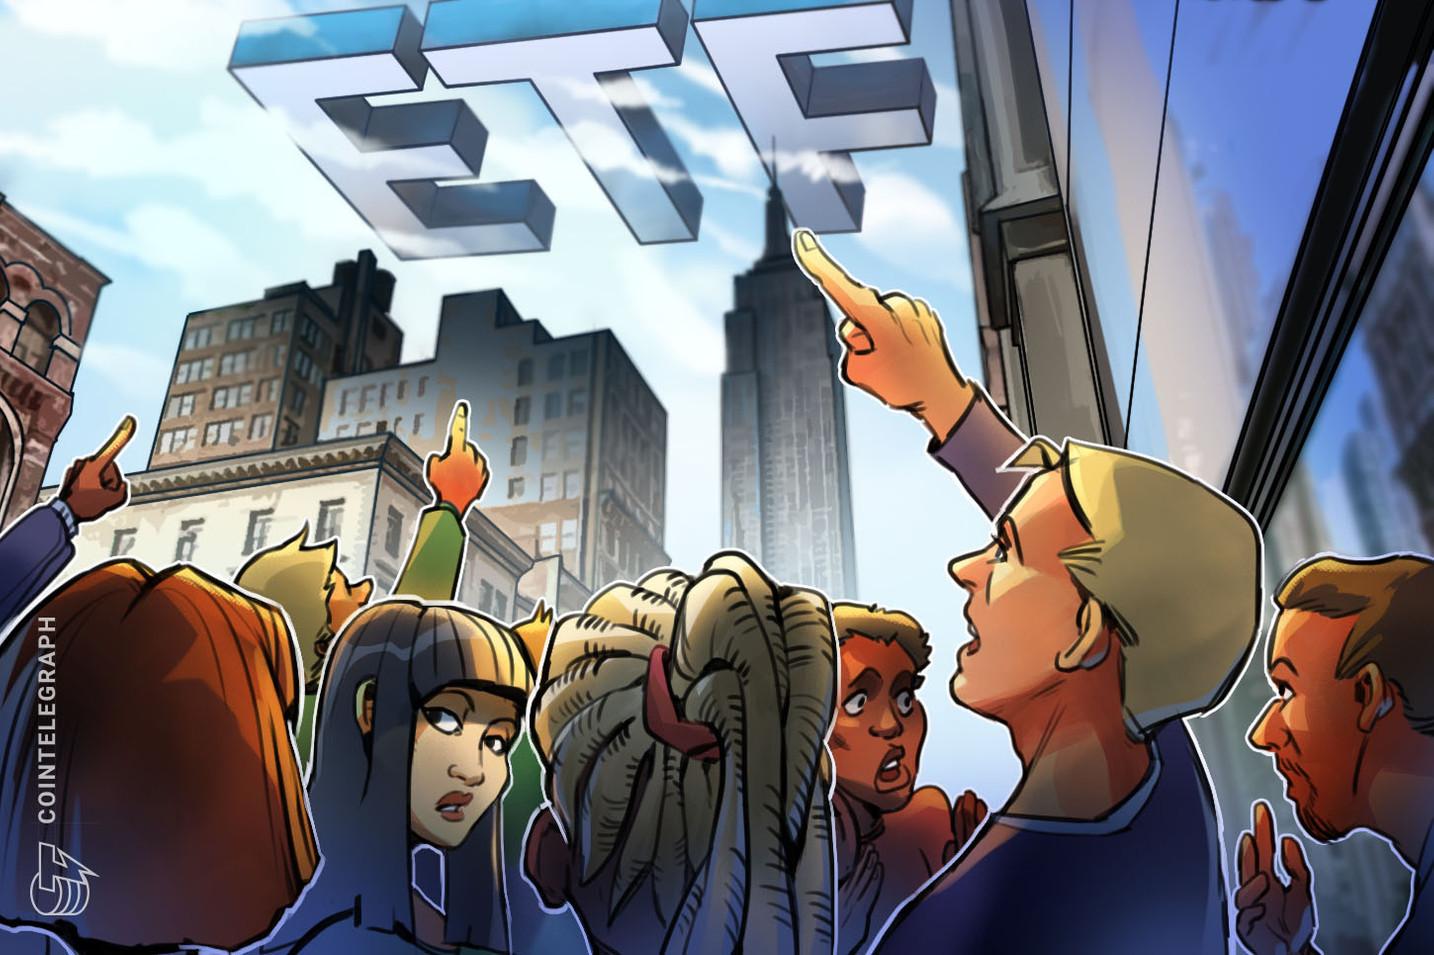 1434 aHR0cHM6Ly9zMy5jb2ludGVsZWdyYXBoLmNvbS91cGxvYWRzLzIwMjEtMDgvNjVjM2ZlZDQtOGU0NS00Zjc0LWFlMWQtZmFlODNhM2E0MDFhLmpwZw - تحلیلگران پیش بینی می کنند SEC می تواند ETF آتی بیت کوین را در اکتبر تأیید کند